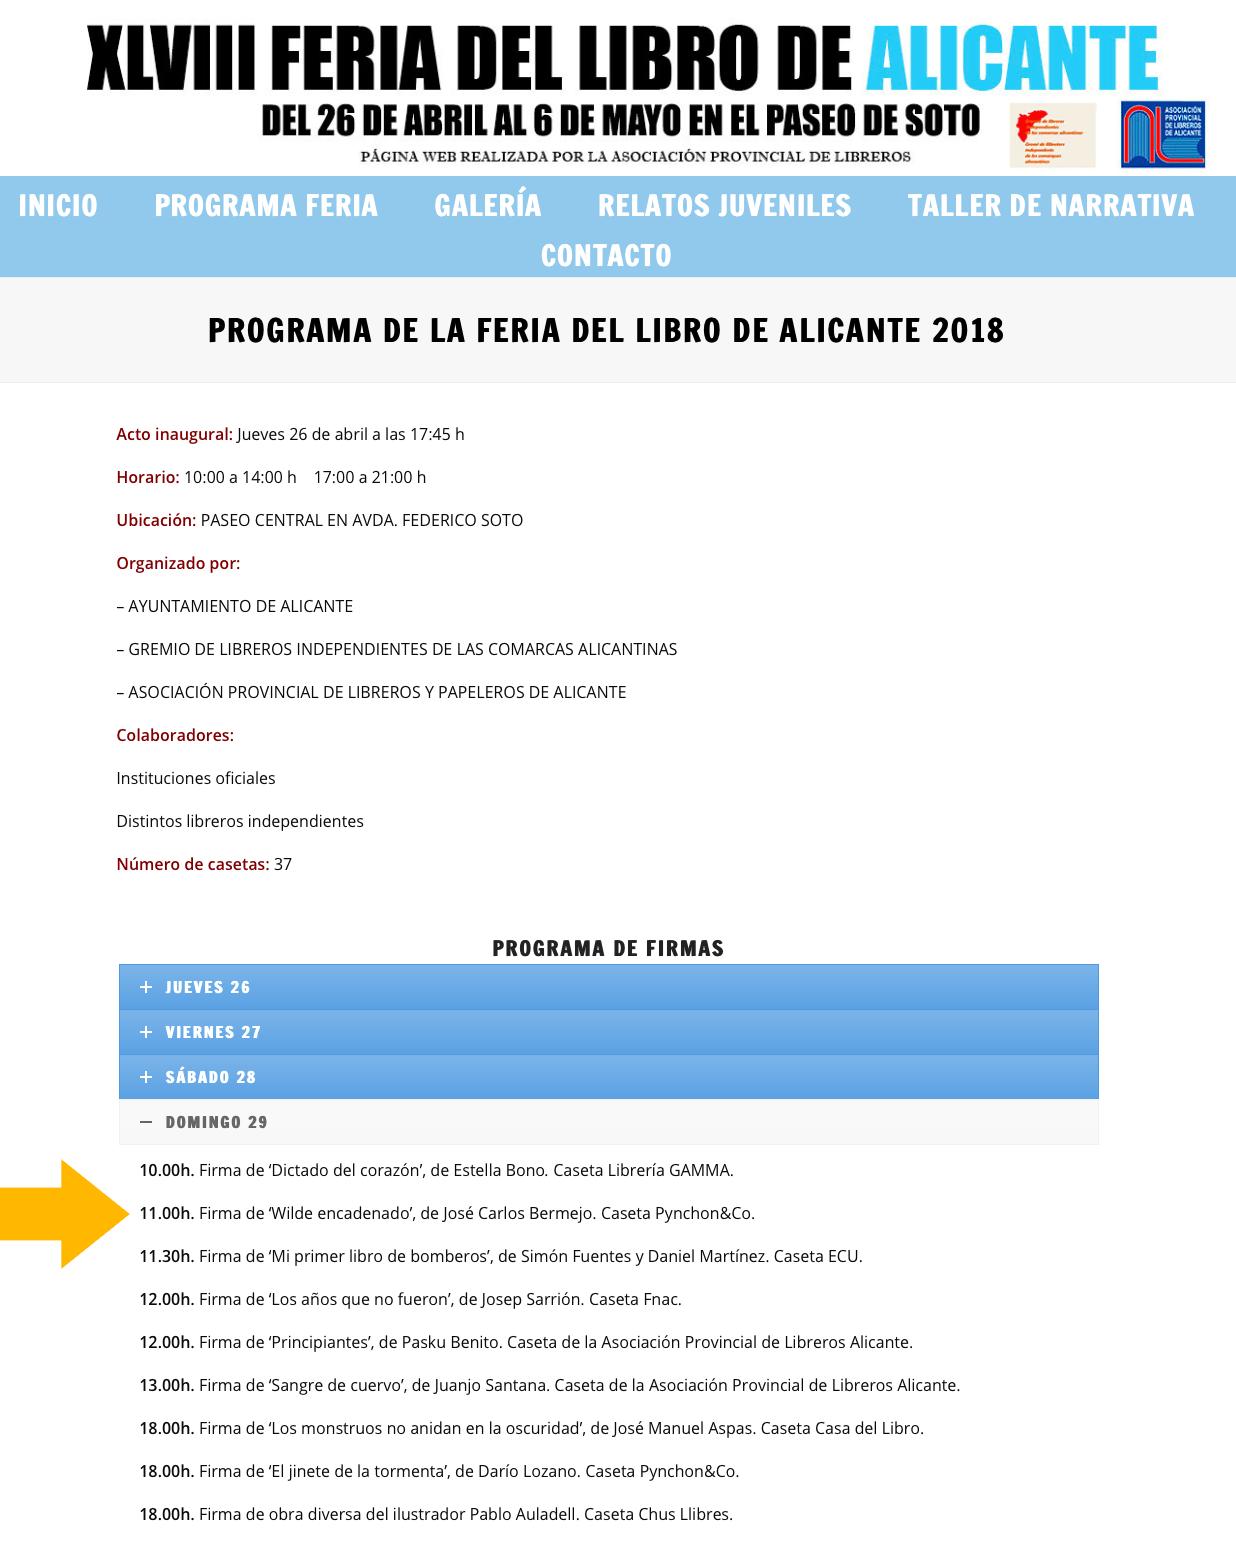 Feria del Libro de Alicante 2018